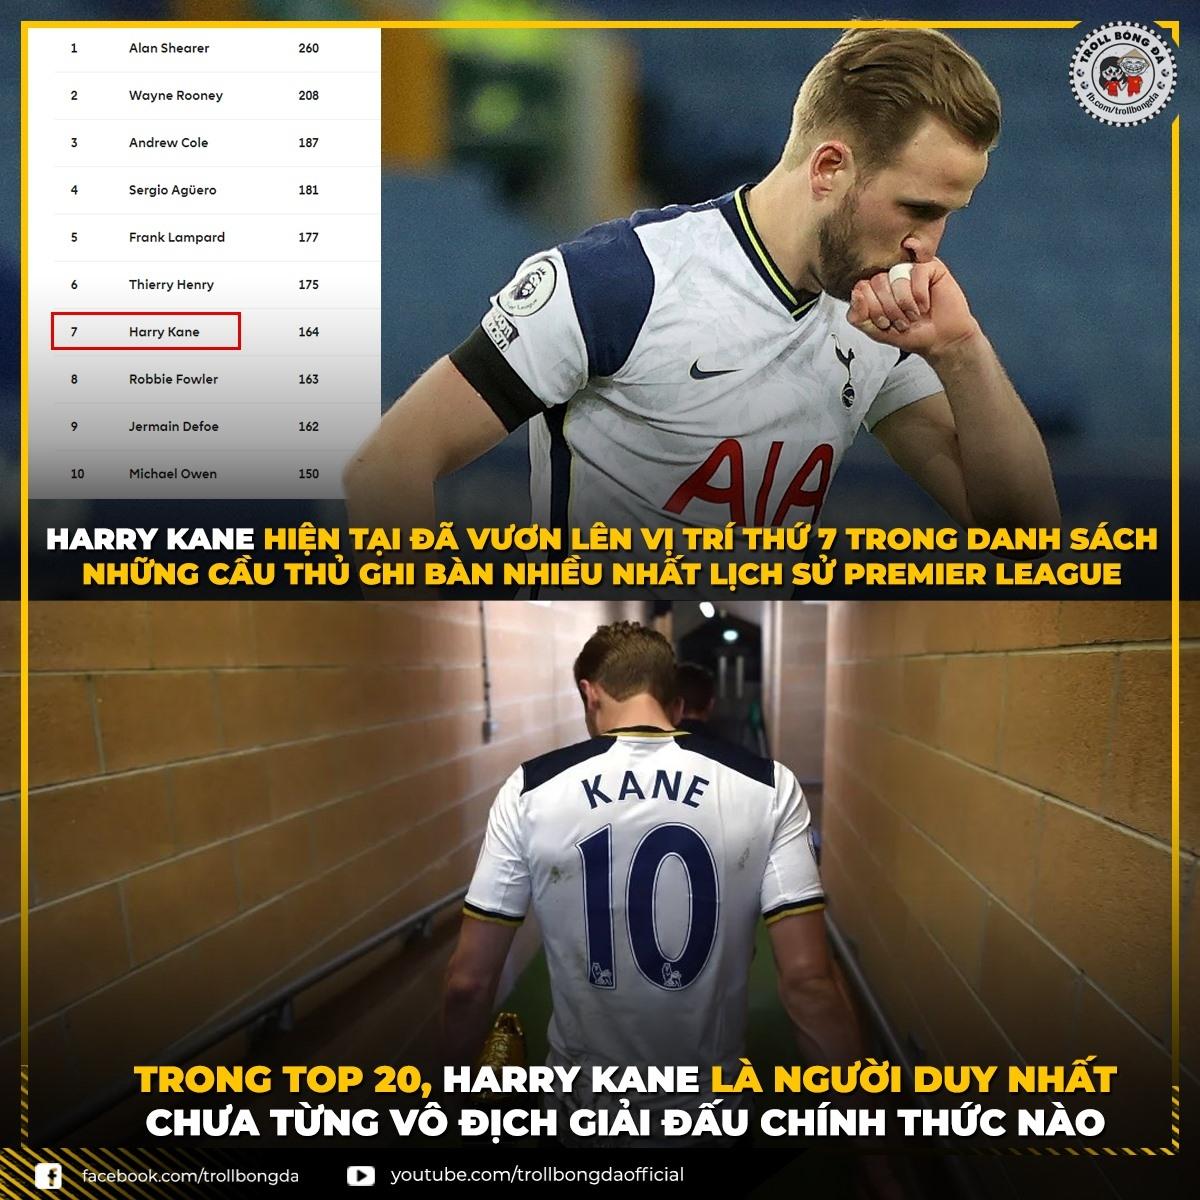 Harry Kane vẫn chưa có danh hiệu nào trong sự nghiệp dù đã lọt top ghi bàn xuất sắc nhất lịch sử Ngoại hạng Anh. (Ảnh: Troll bóng đá).